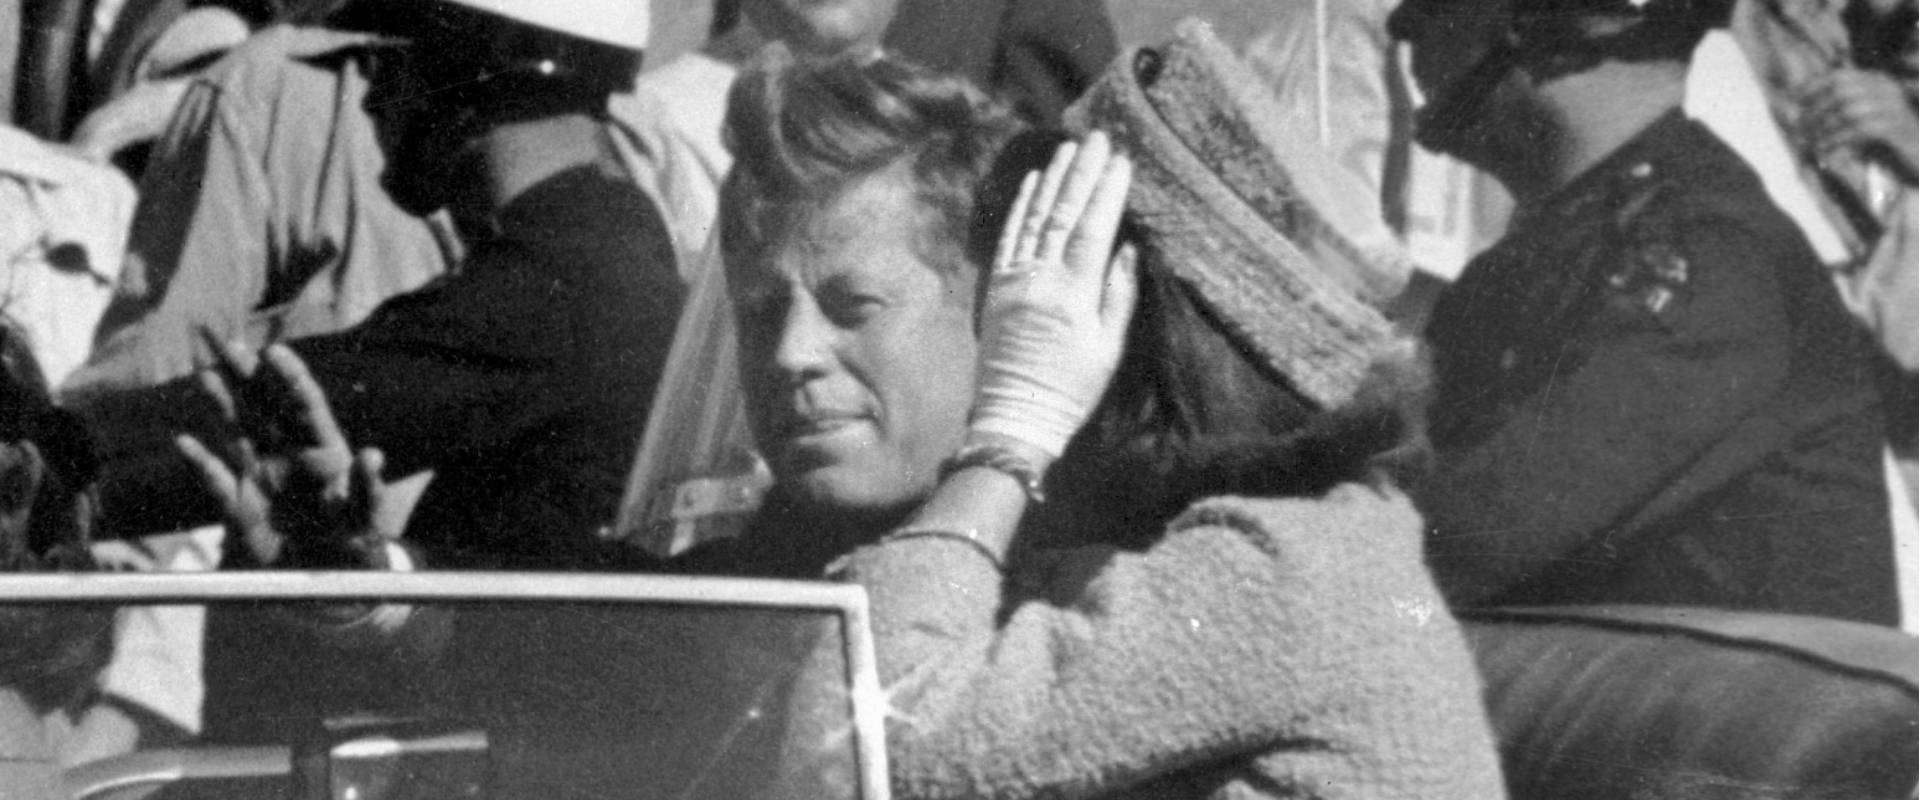 הנשיא קנדי ורעייתו, דקות לפני הרצח בדאלאס. ארכיון